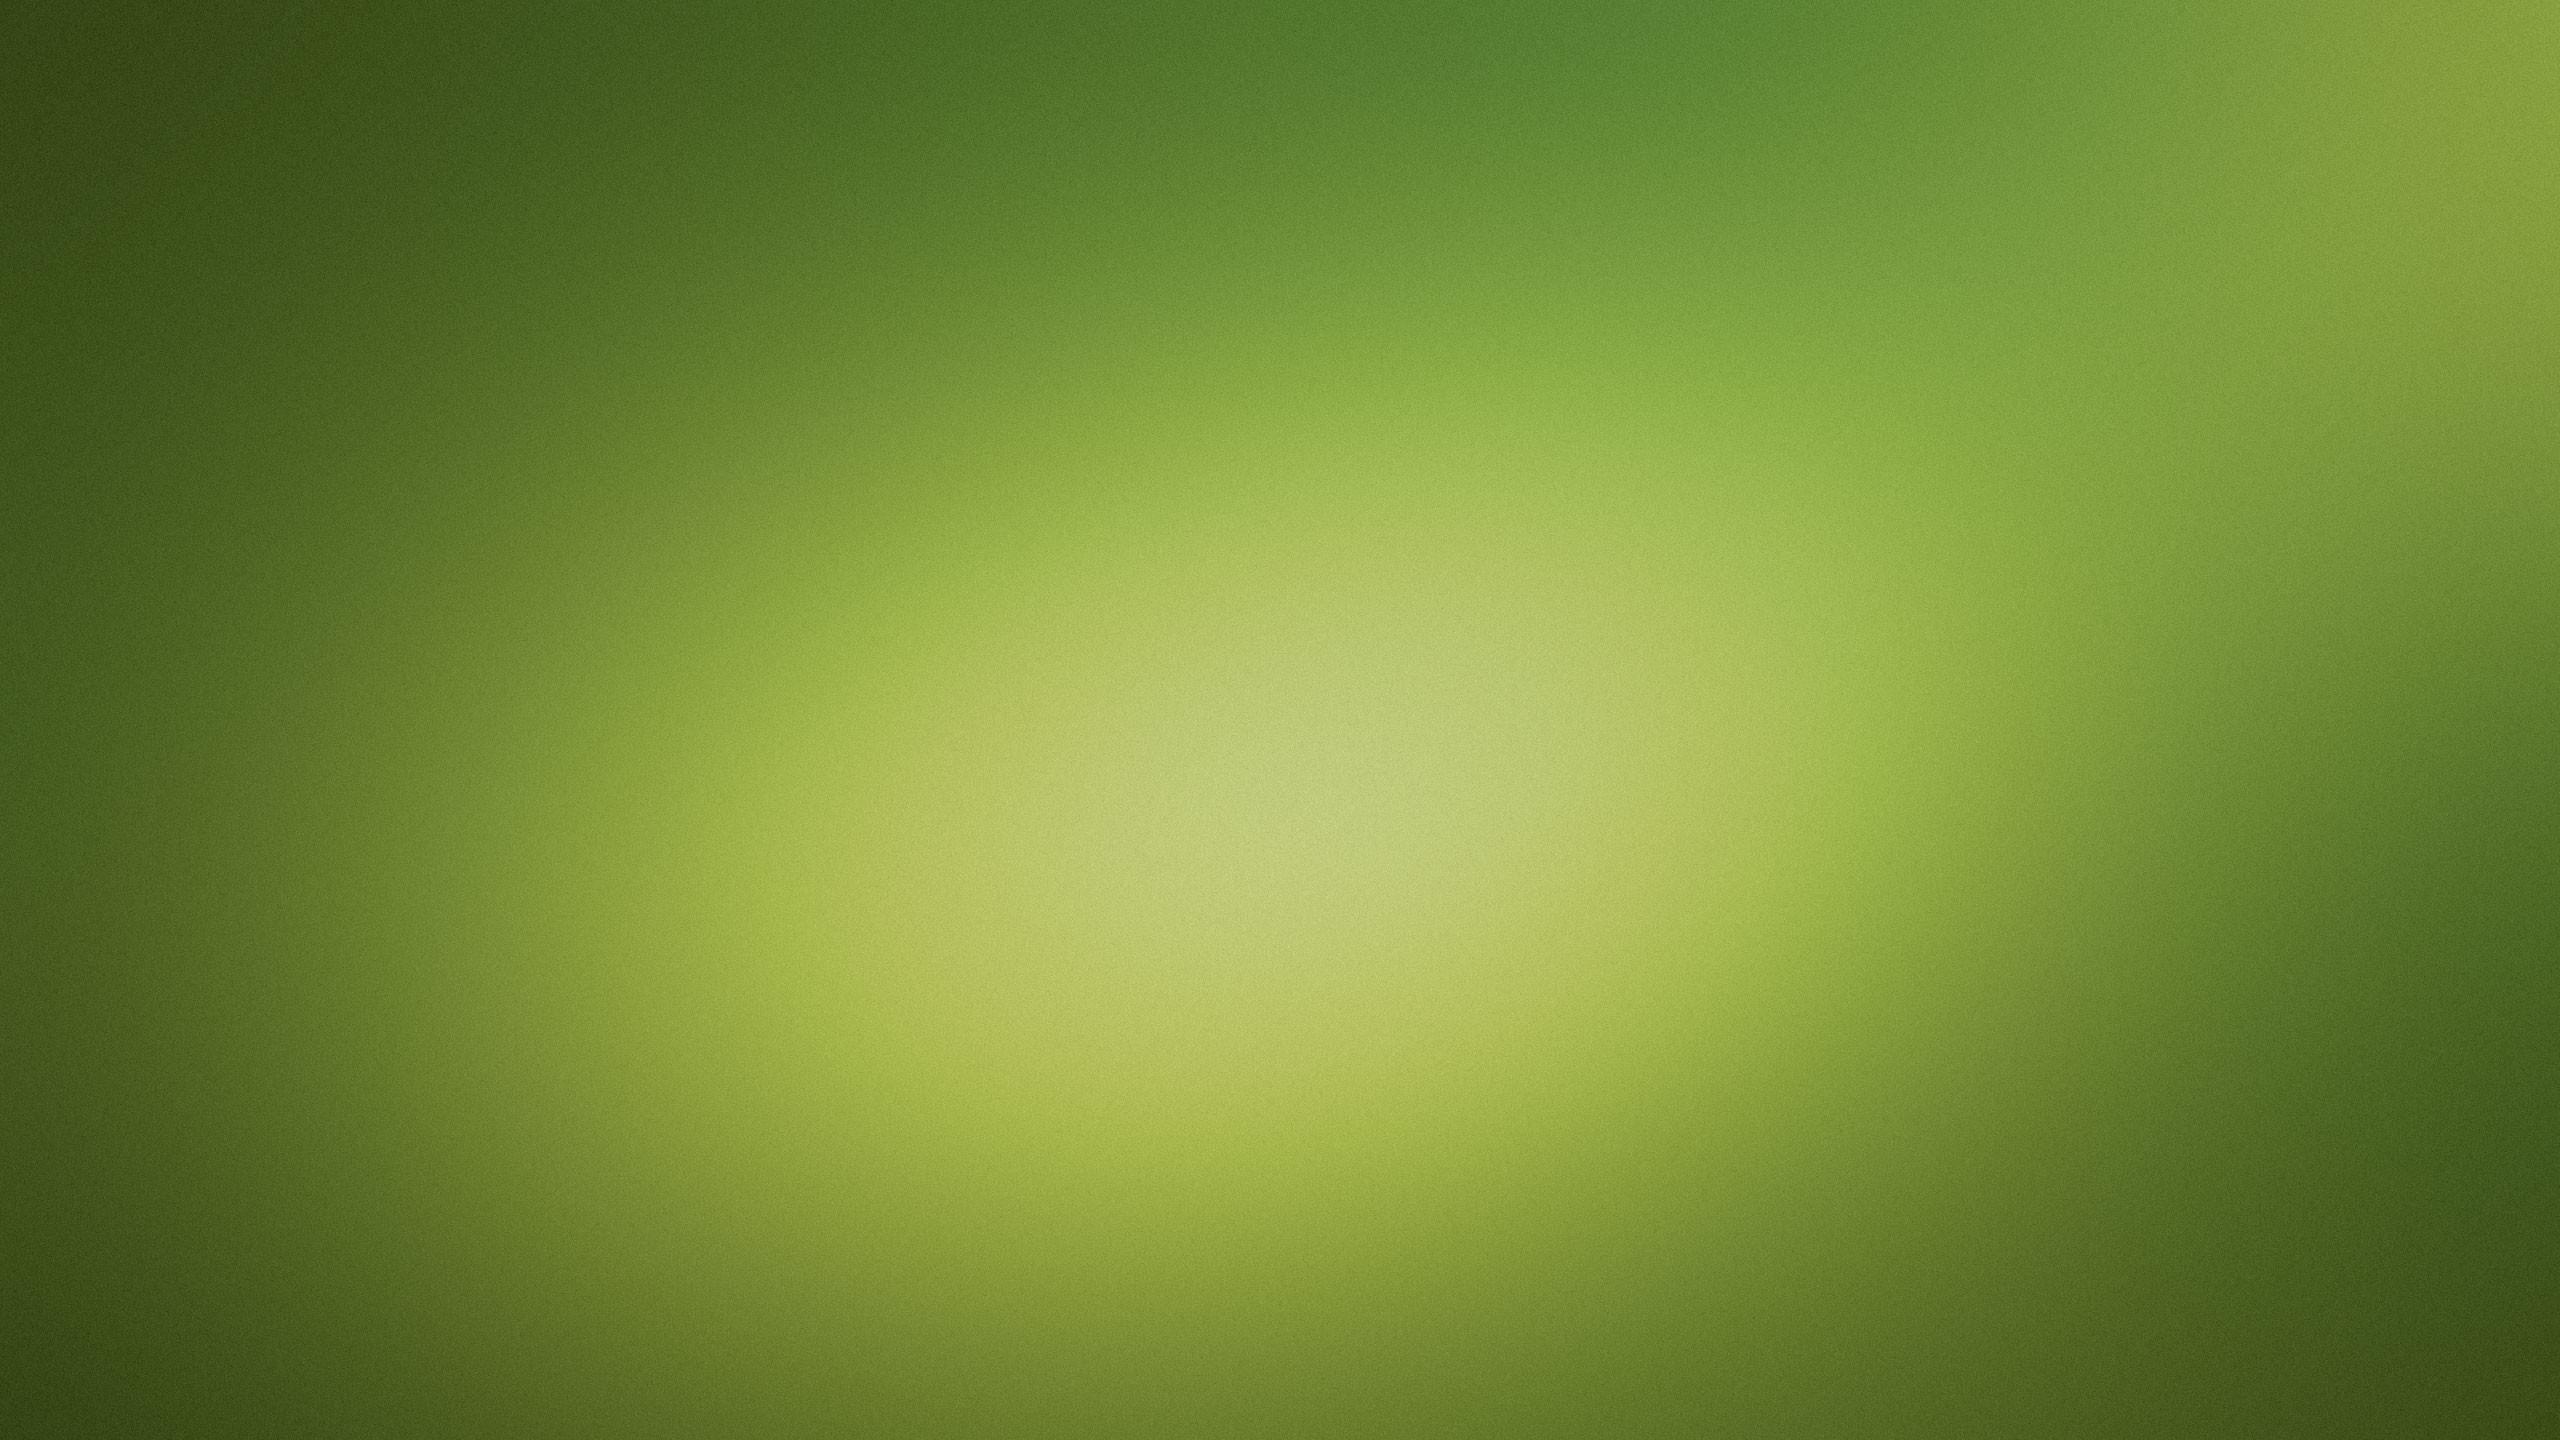 Light Green Texture Wallpapers